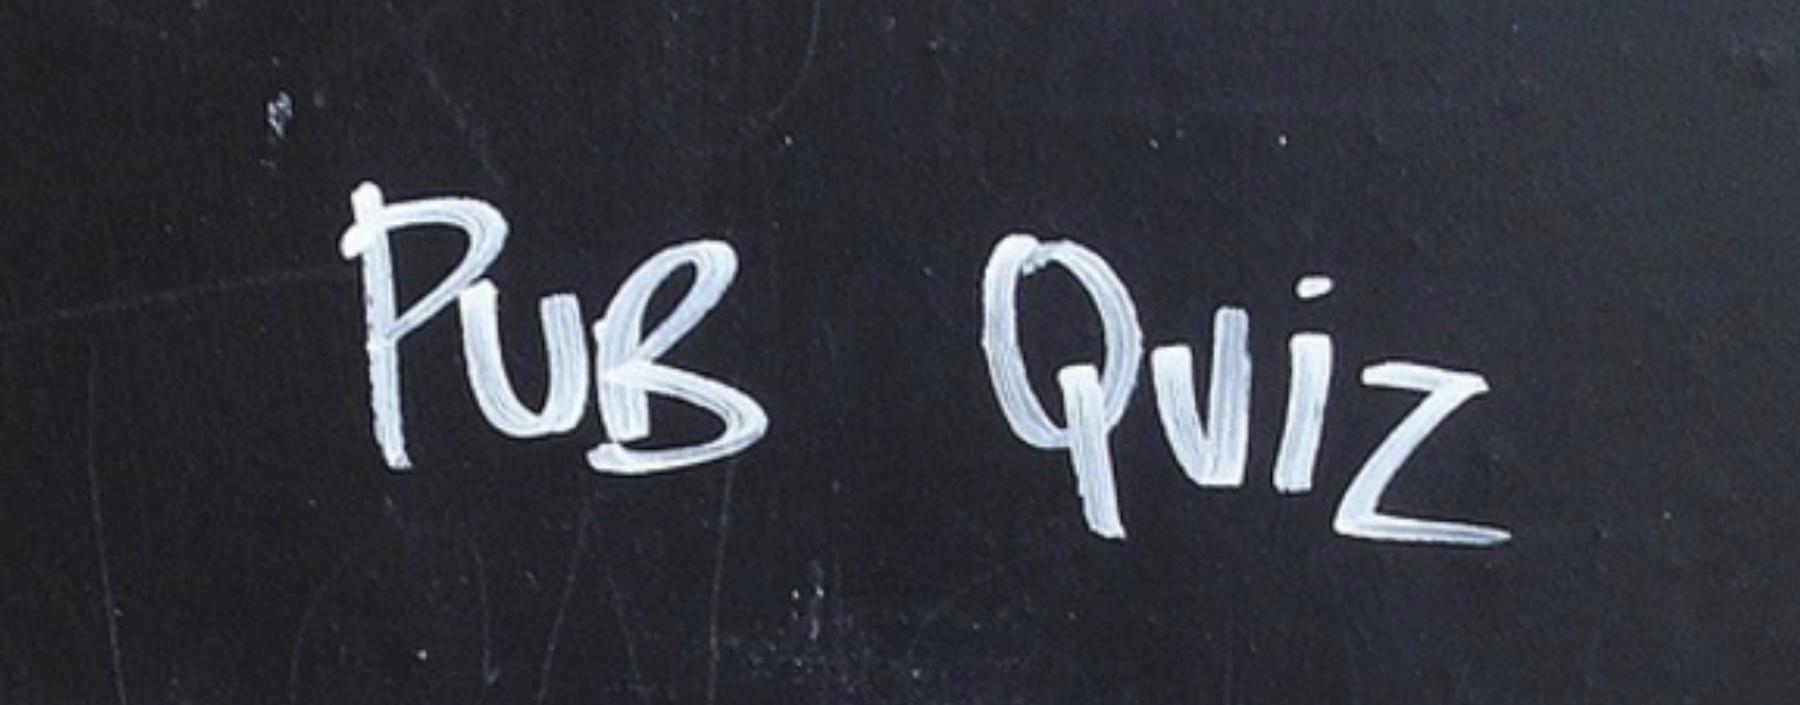 V2 pub quiz